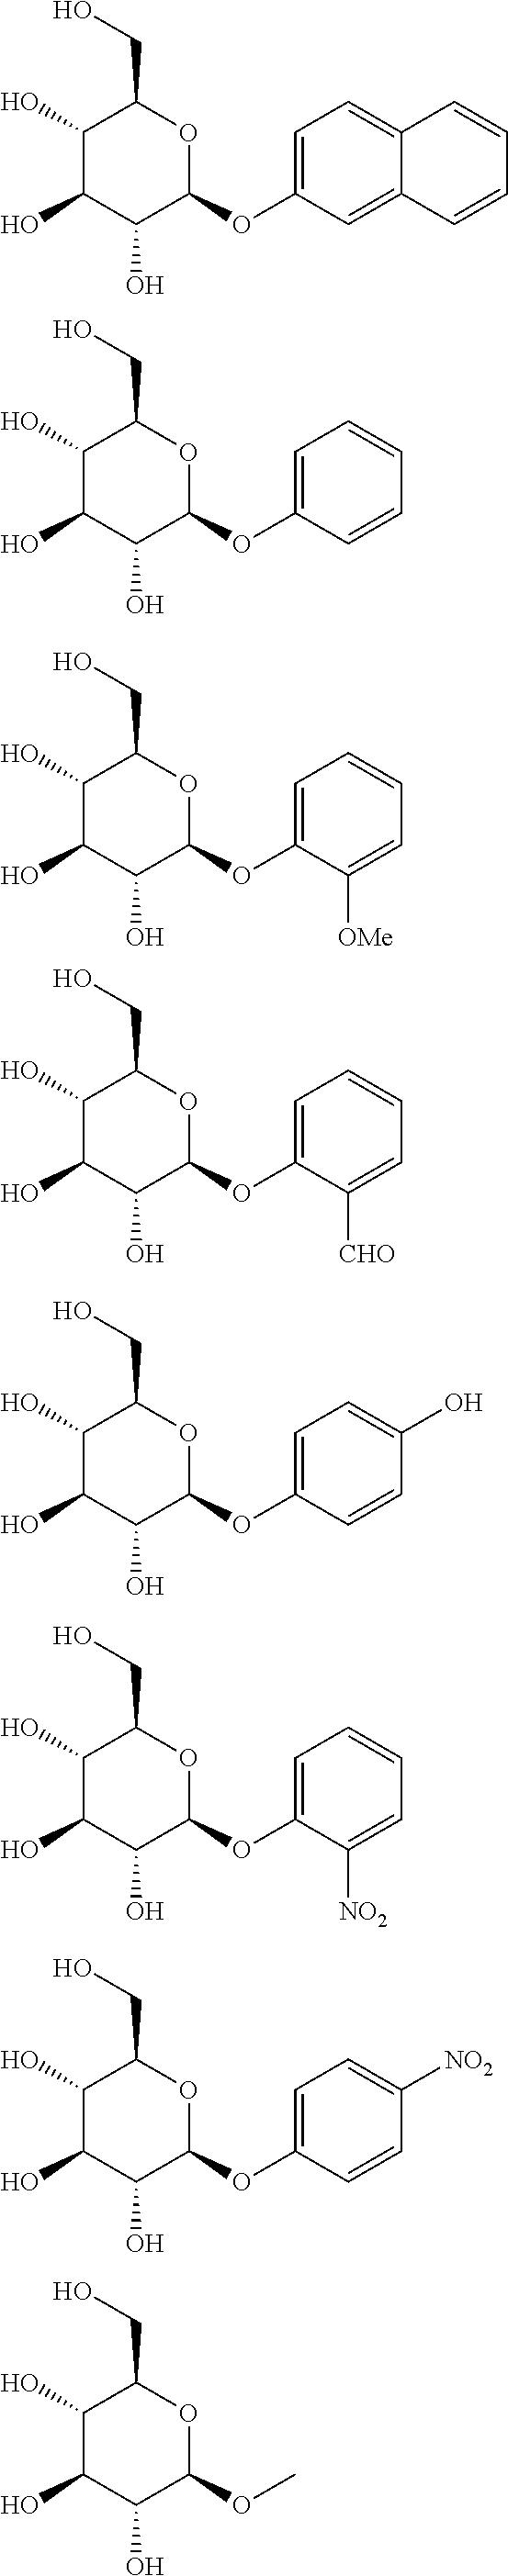 Figure US09962344-20180508-C00012